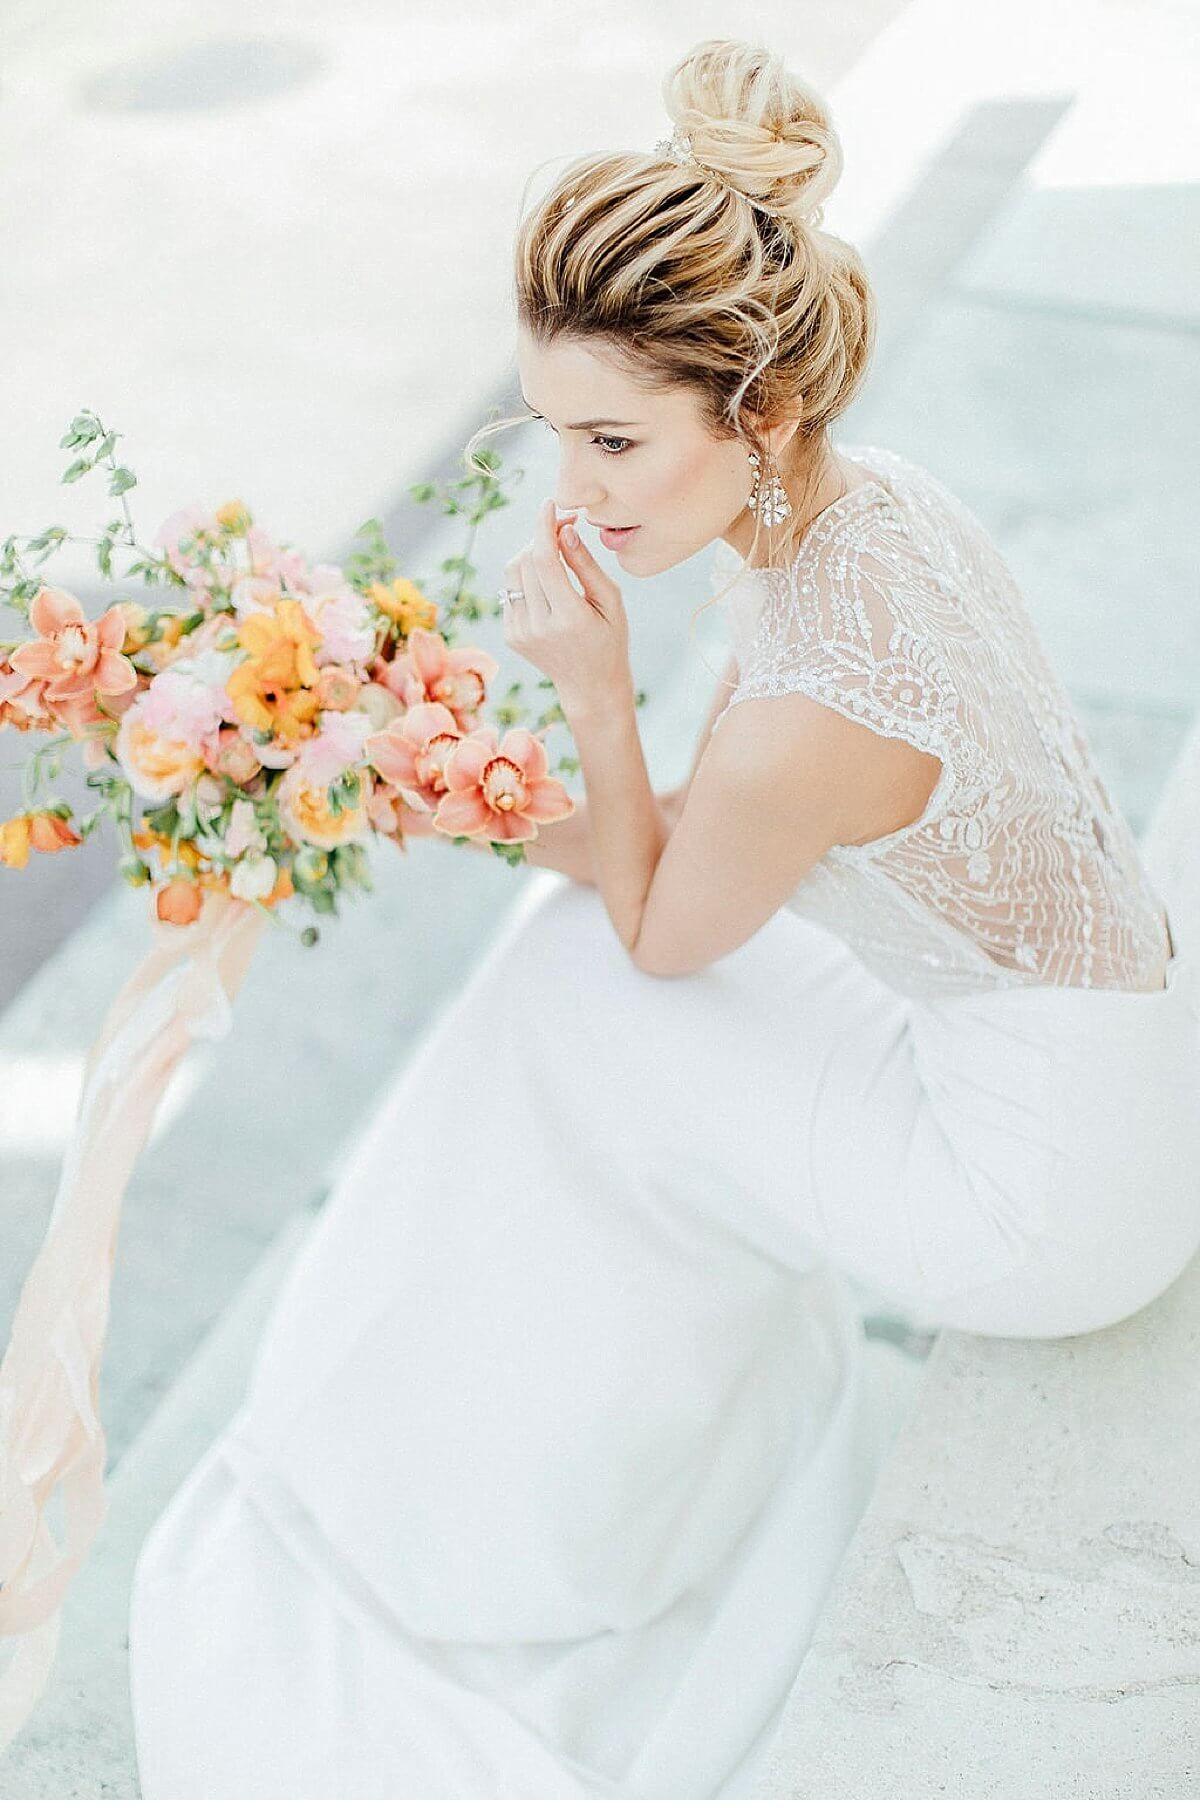 Moderne Hochzeitsinspirationen In Wien Von Magnolias On Silk Und Anja Schneemann Hochzeitsguide Hochzeitsinspirationen Frisuren Mit Schleier Braut Portraits